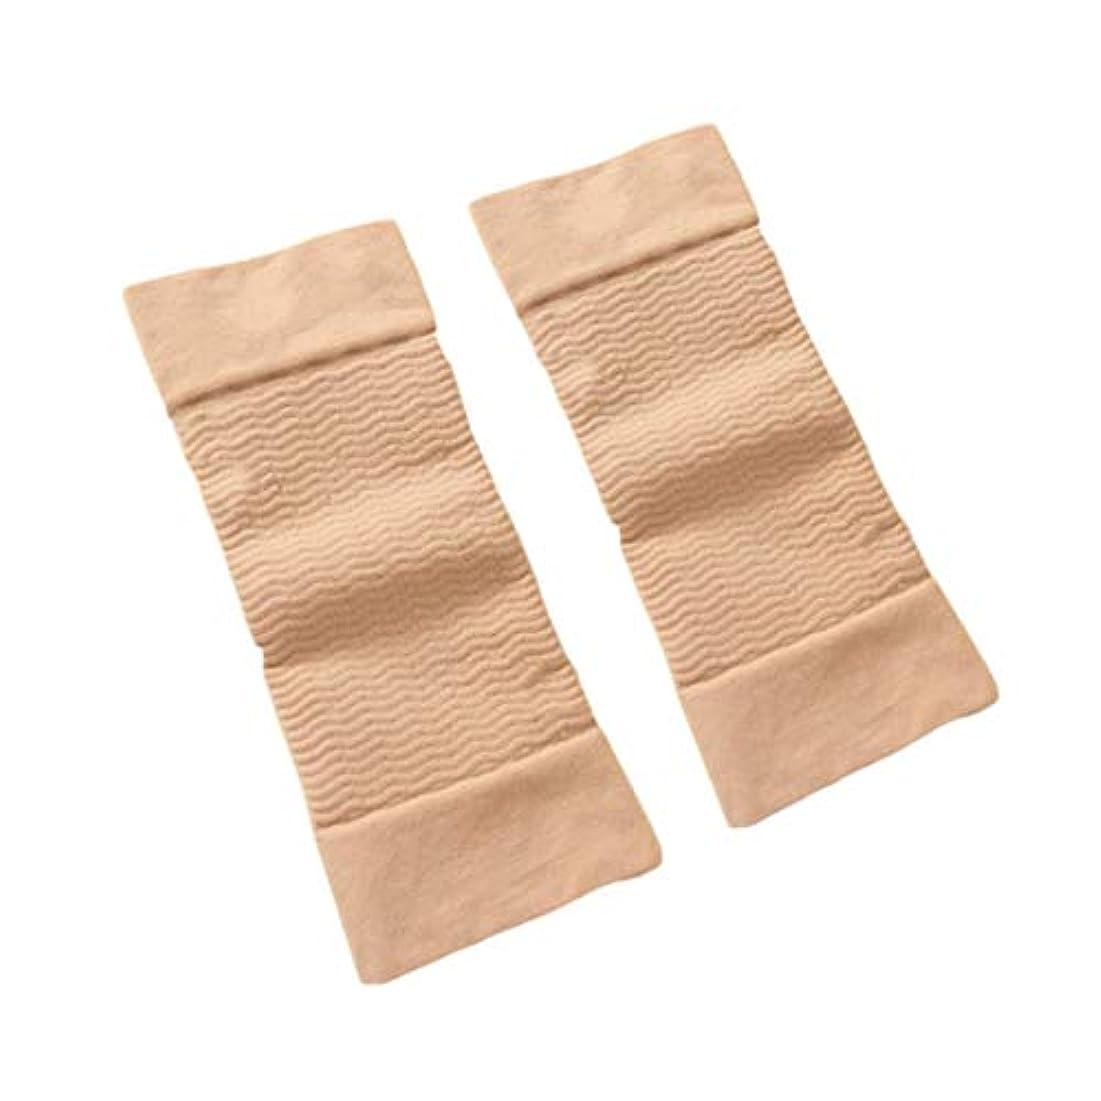 可聴持続的さびた1ペア420 D圧縮痩身アームスリーブワークアウトトーニングバーンセルライトシェイパー脂肪燃焼袖用女性 - 肌色